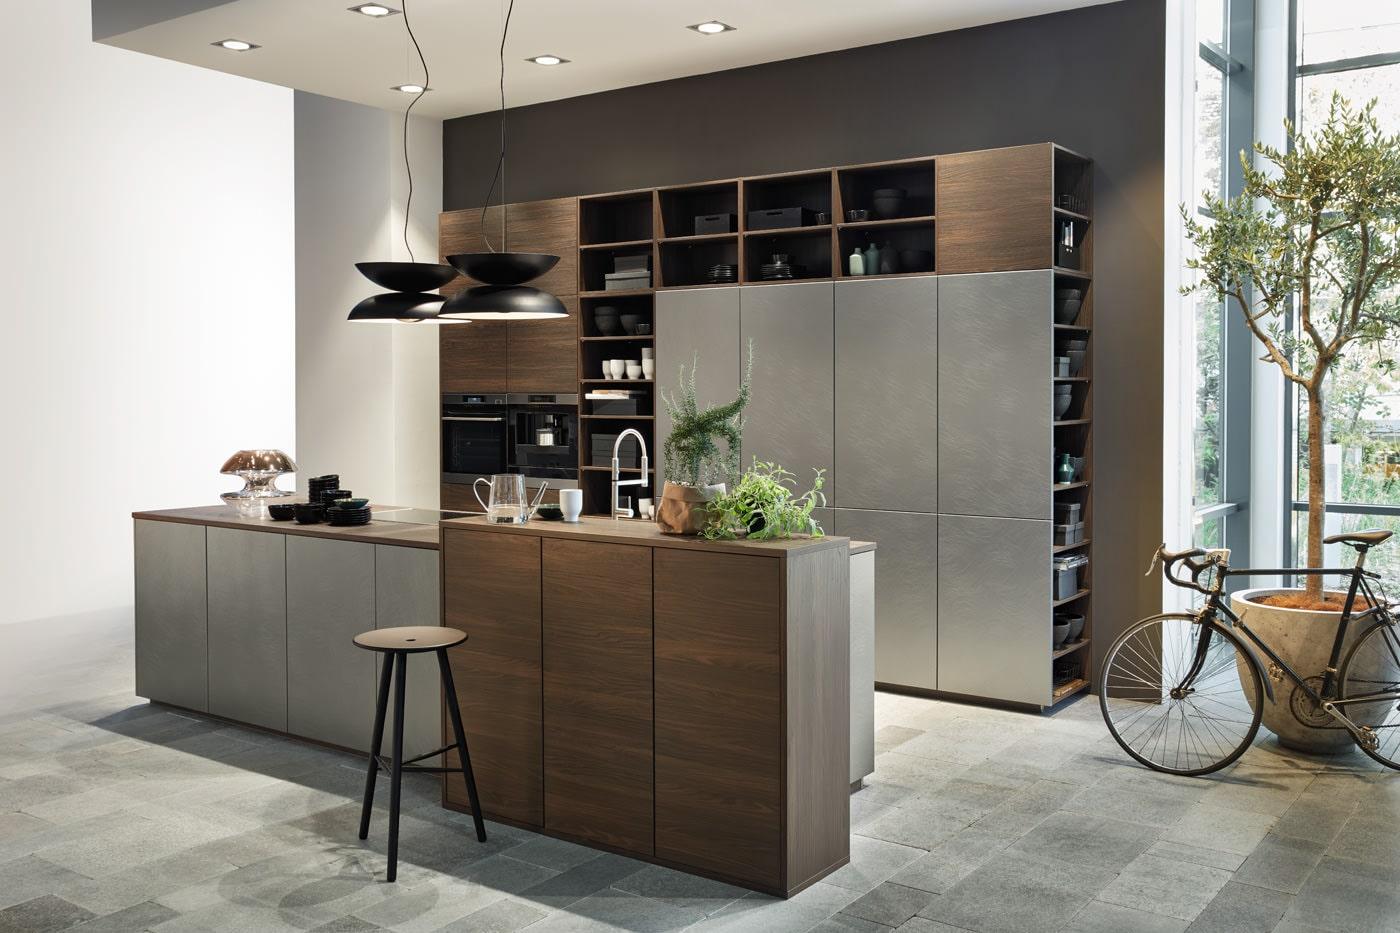 Keuken op maat met aantrekkelijk design